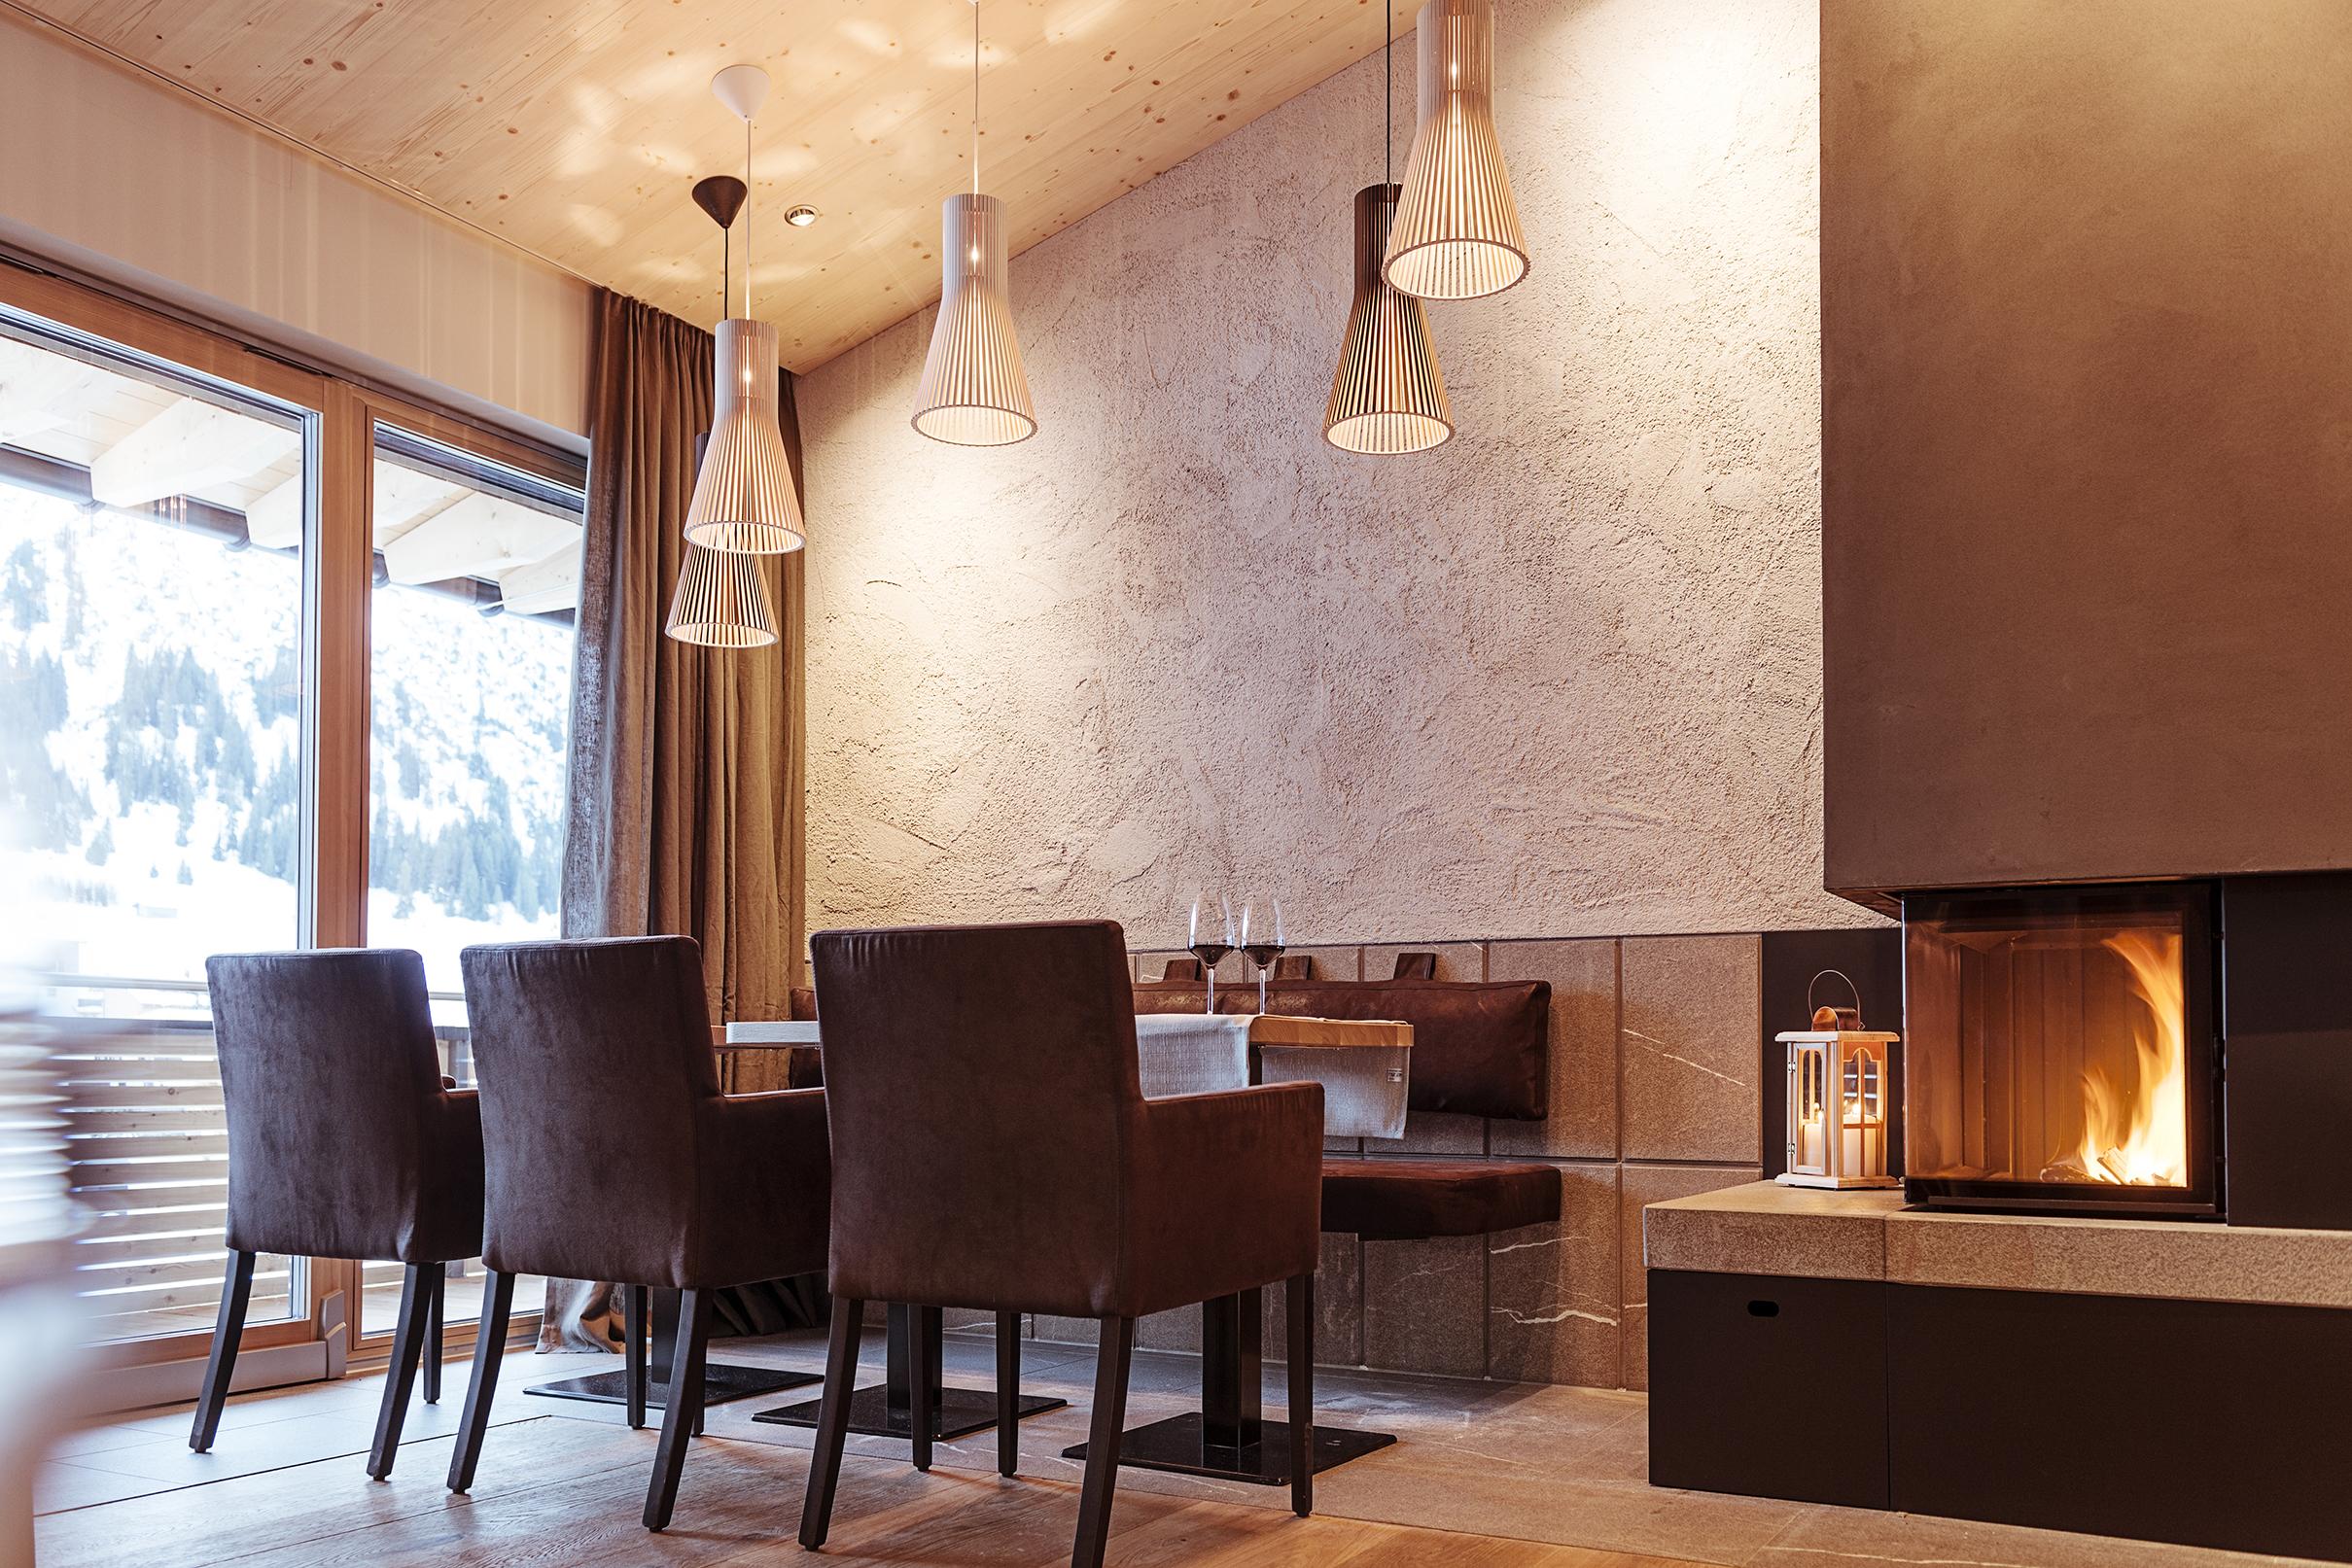 MATS_Lounge_Bar_Kamin